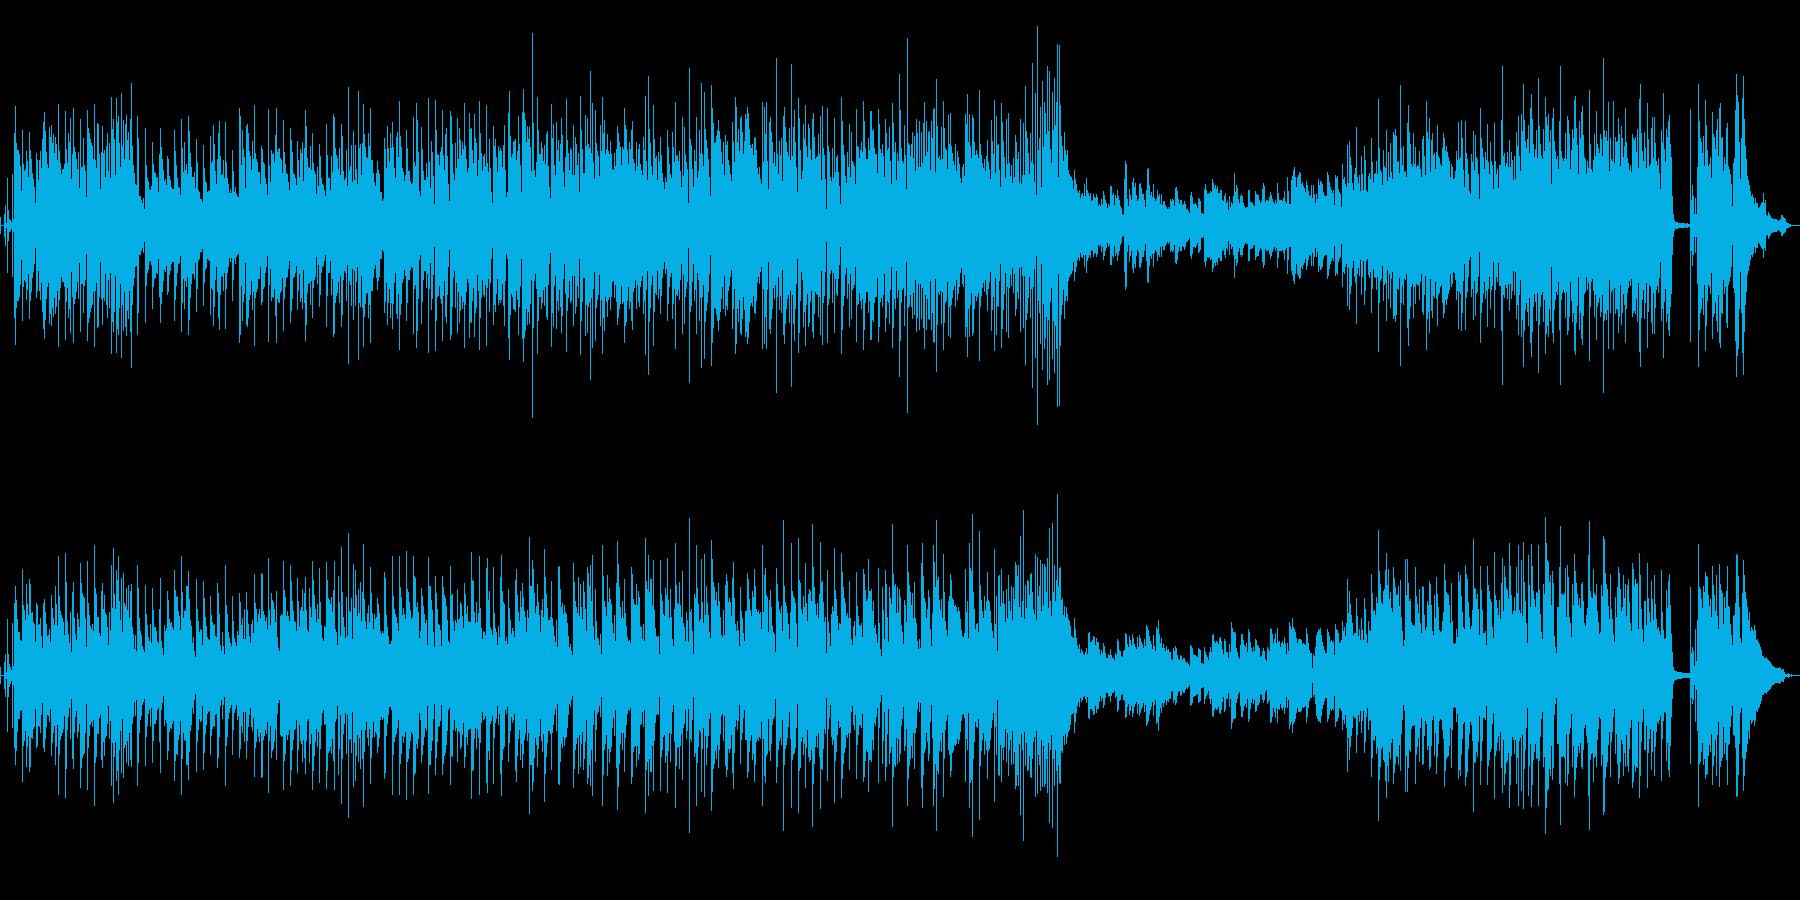 都会的な洗練されたイメージのブルースの再生済みの波形